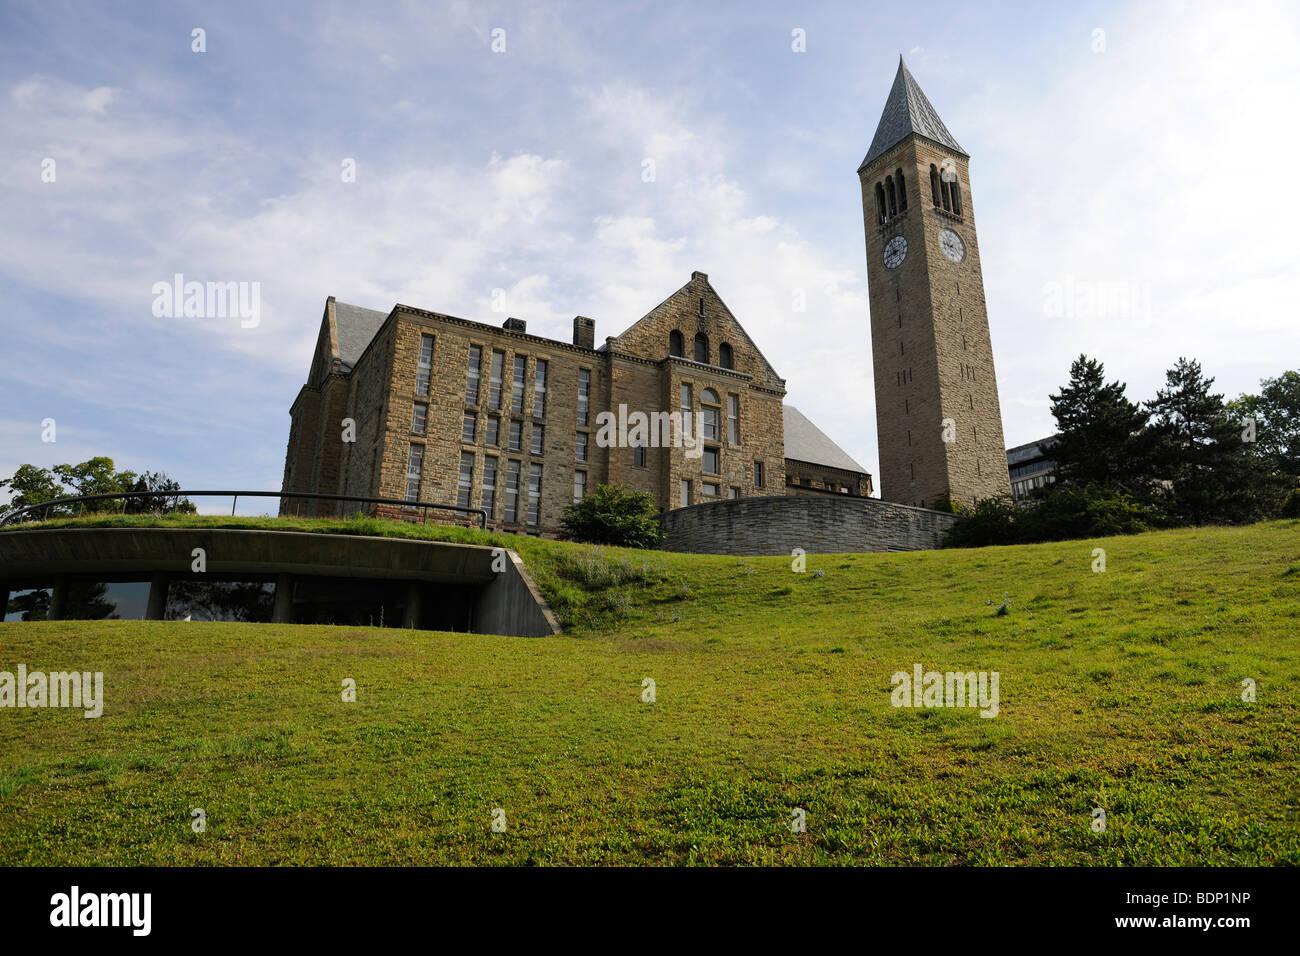 La Universidad de Cornell, Torre McGraw Uris y biblioteca. Imagen De Stock